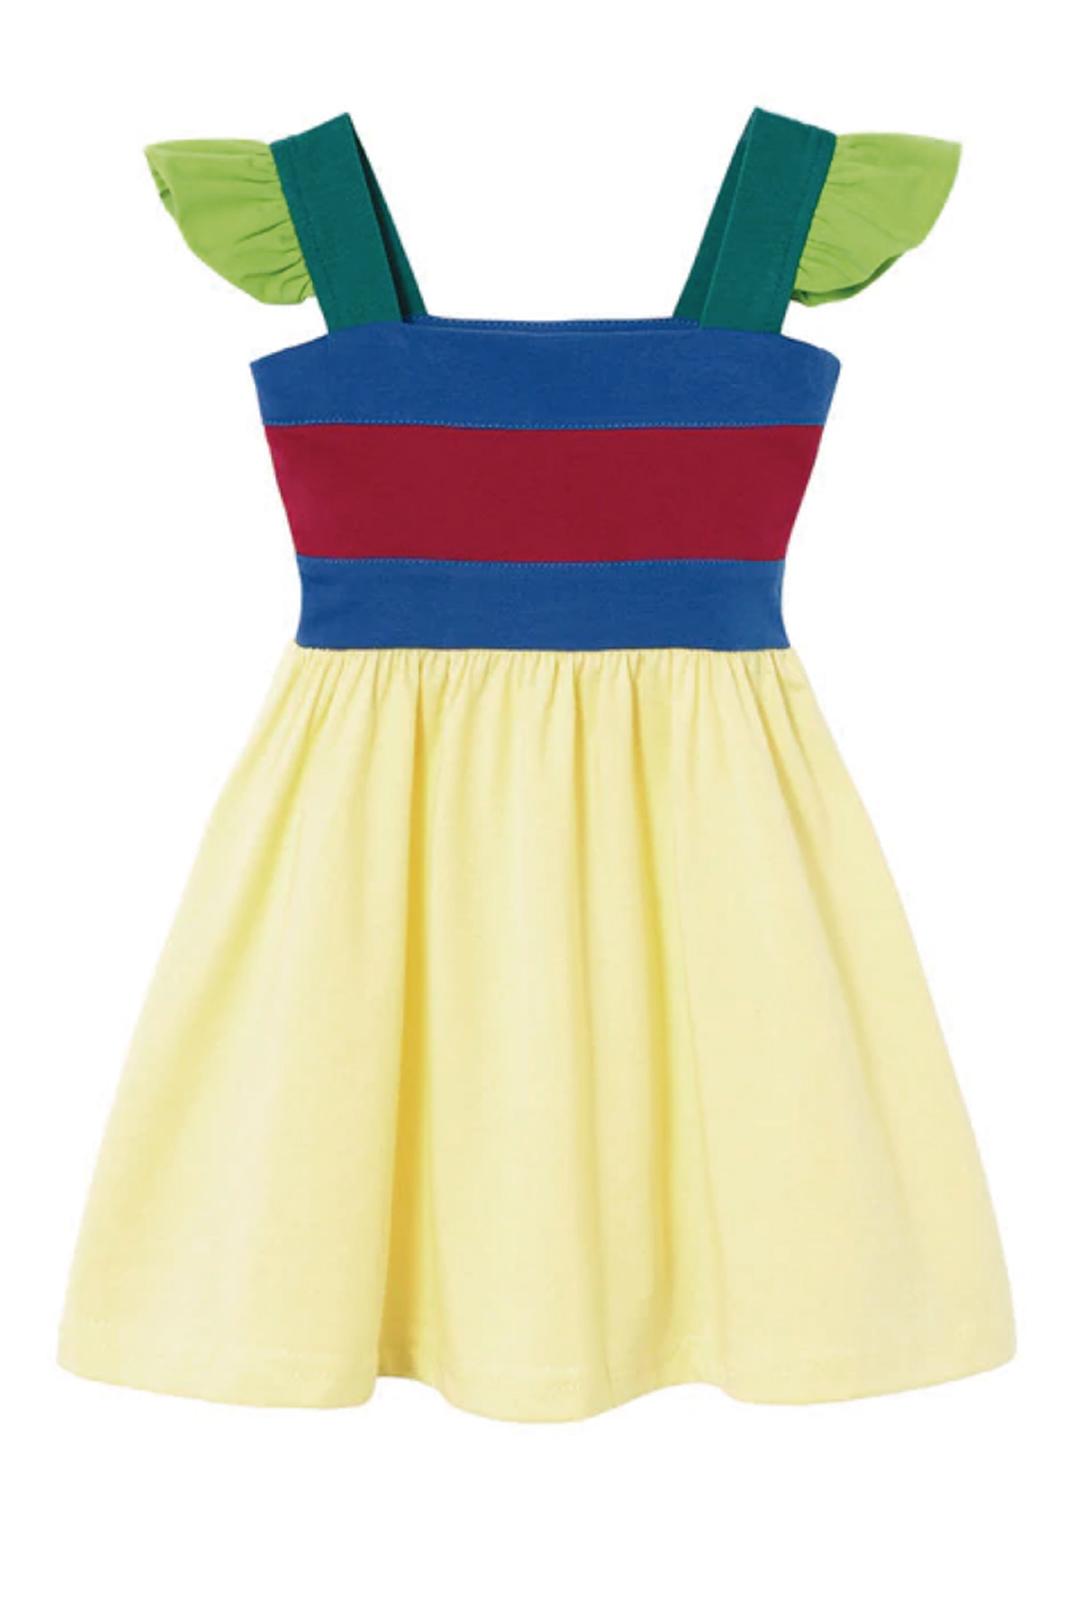 Mulan Disneybound Tank Dress